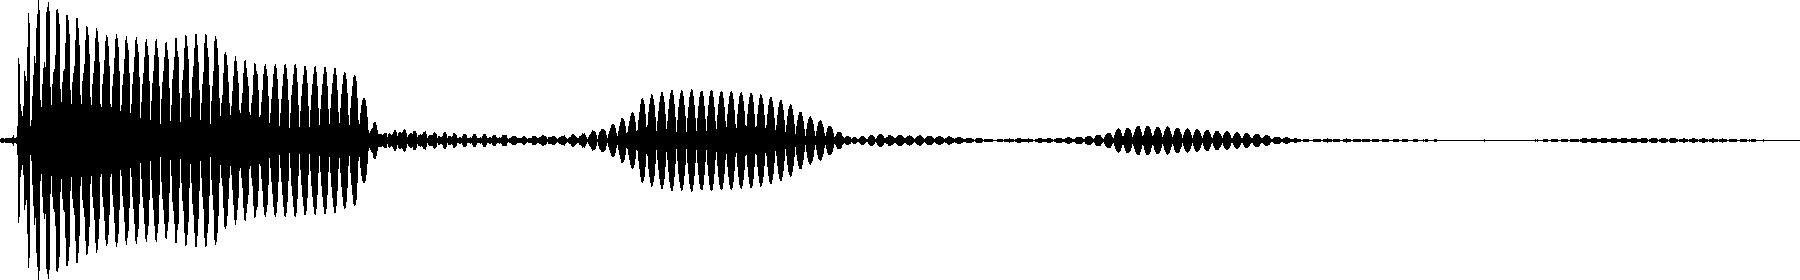 ps480 b8